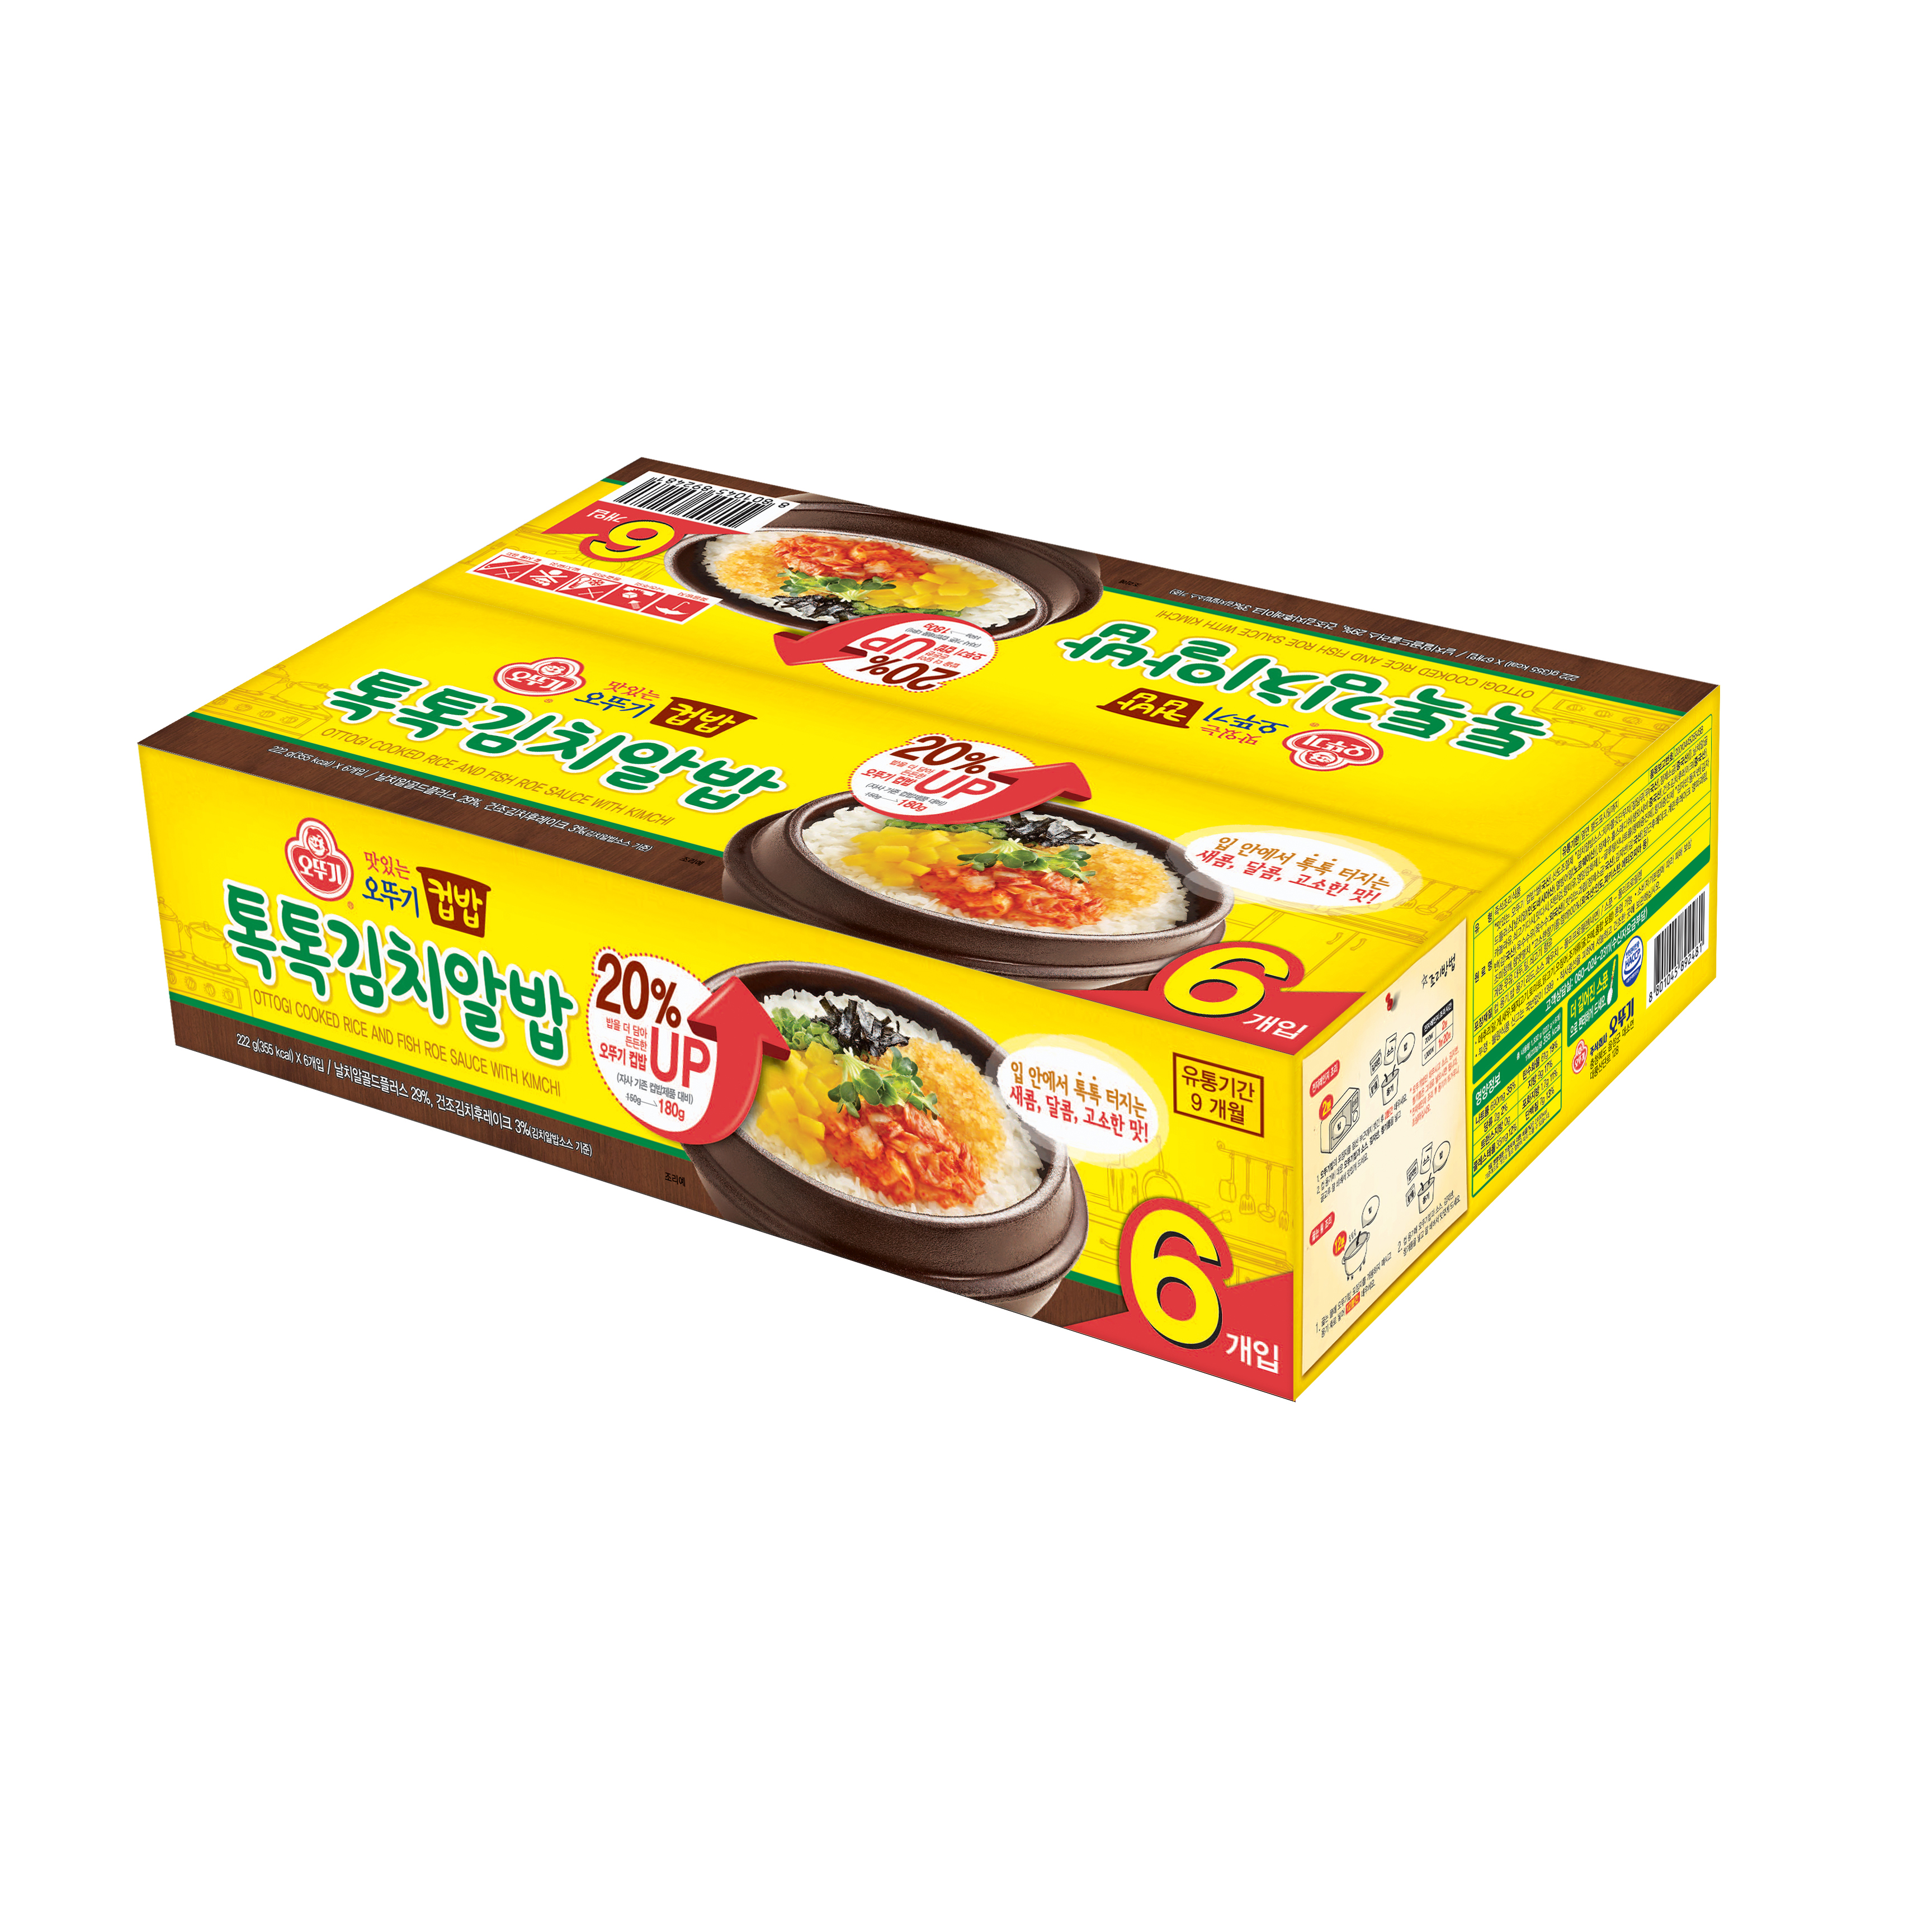 오뚜기 컵밥 톡톡김치알밥, 222g, 6개